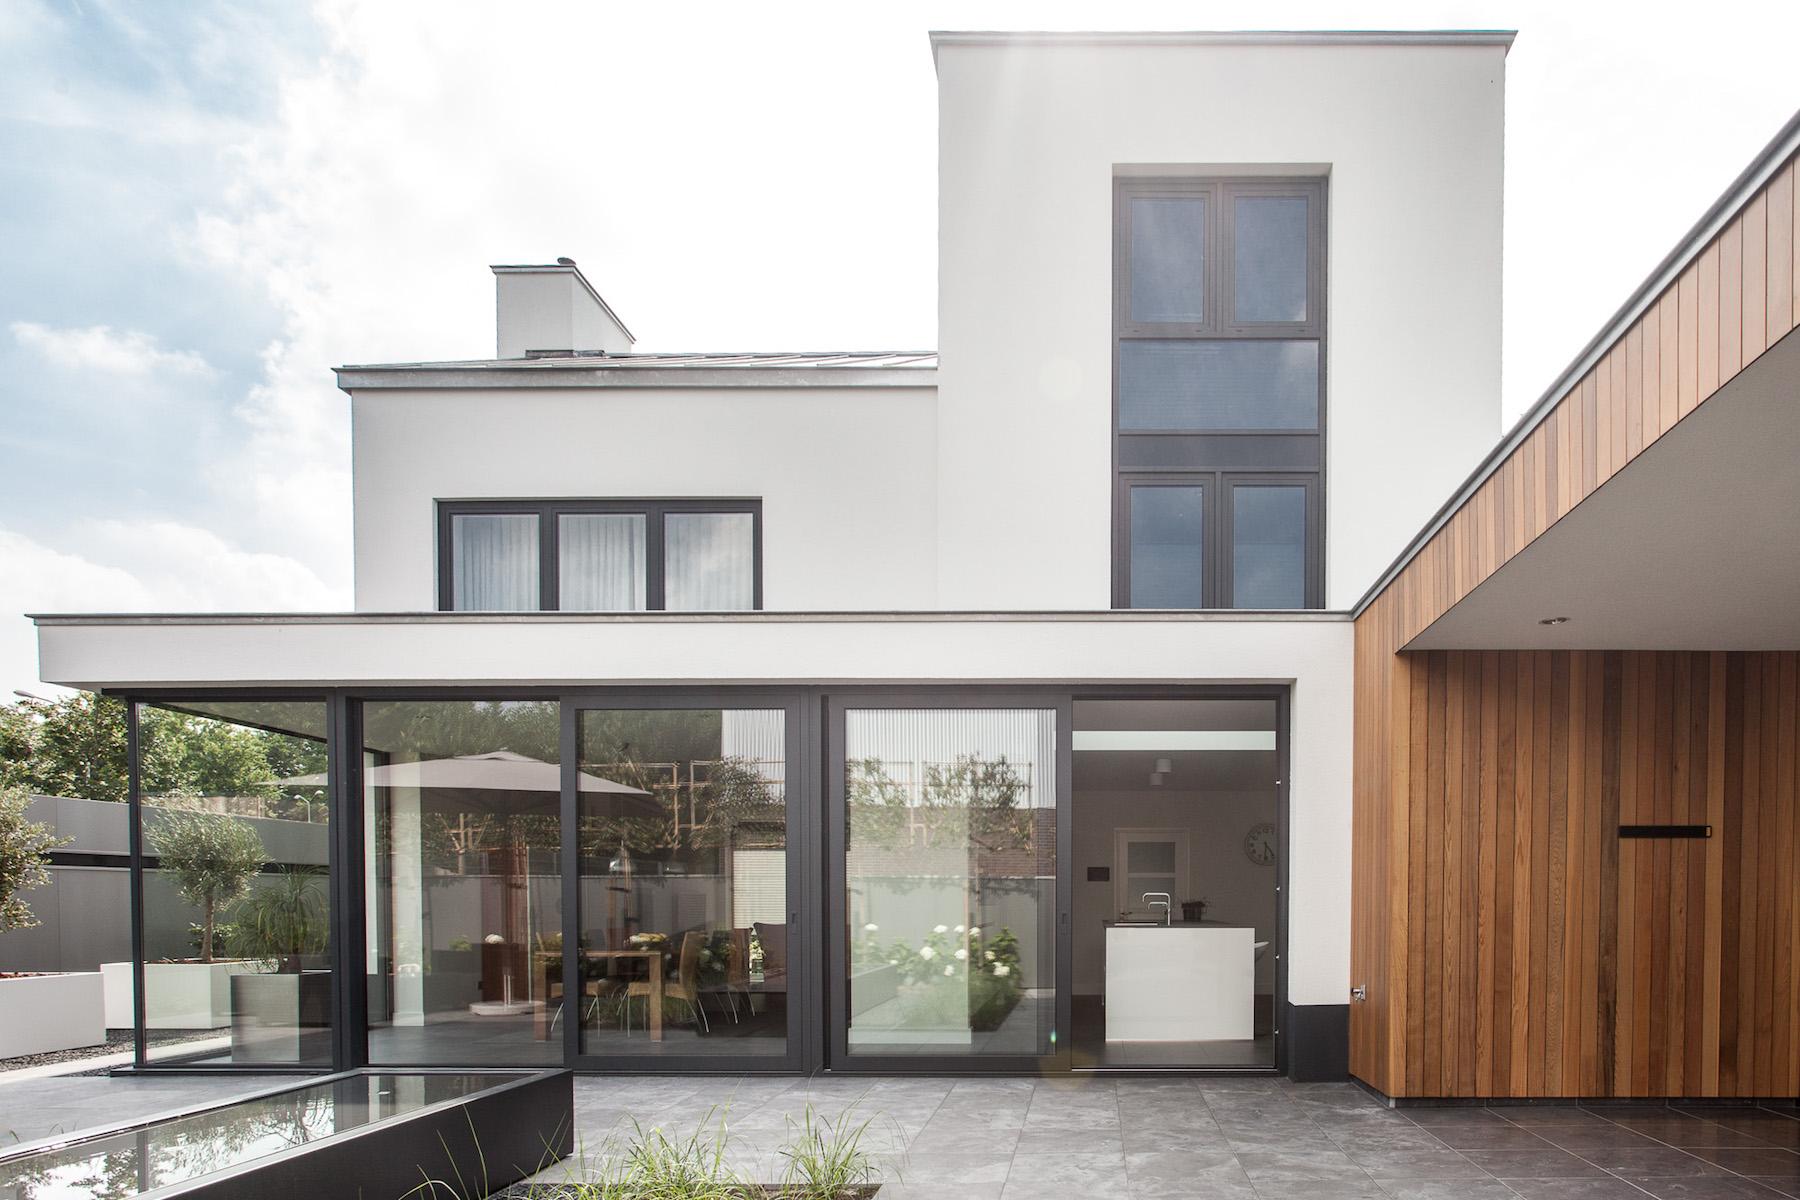 <p>NIEUW &#8211; Jaren 70 woning wordt moderne villa, fotografie: Bob Romijnders</p>